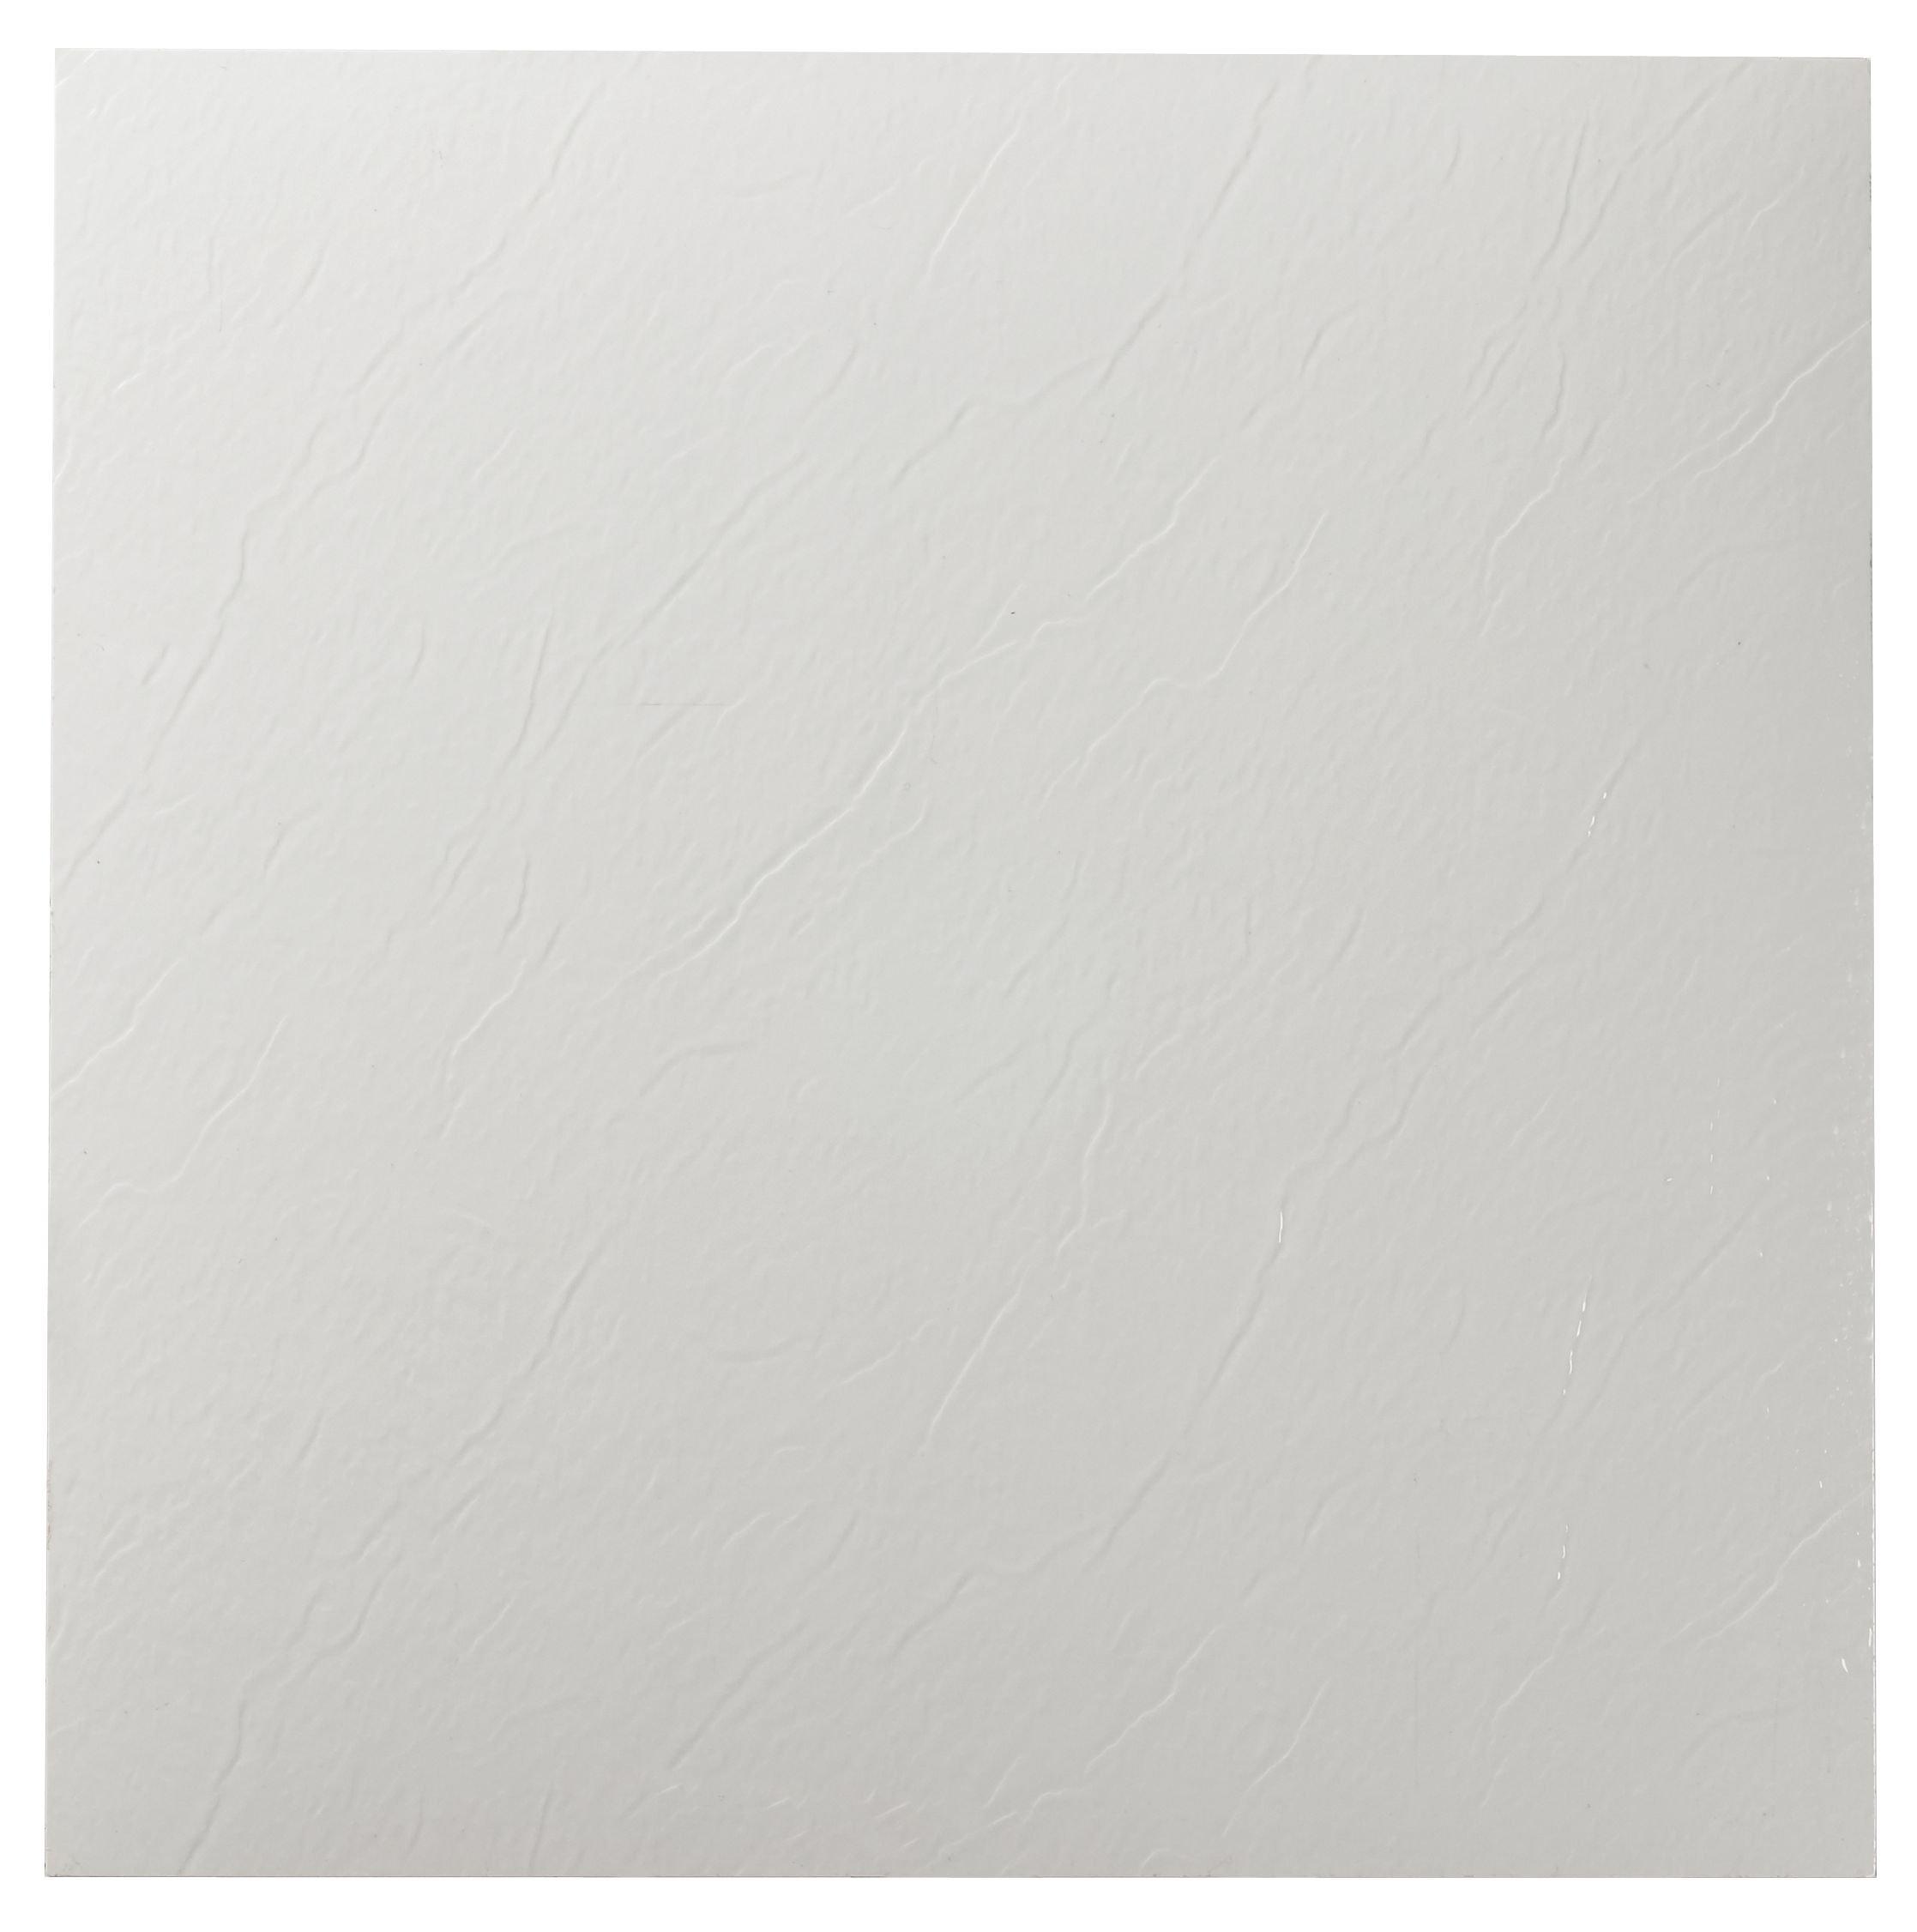 Achim Home Furnishings FTVSO10220 Nexus 12-Inch Vinyl Tile, Solid White, 20-Pack